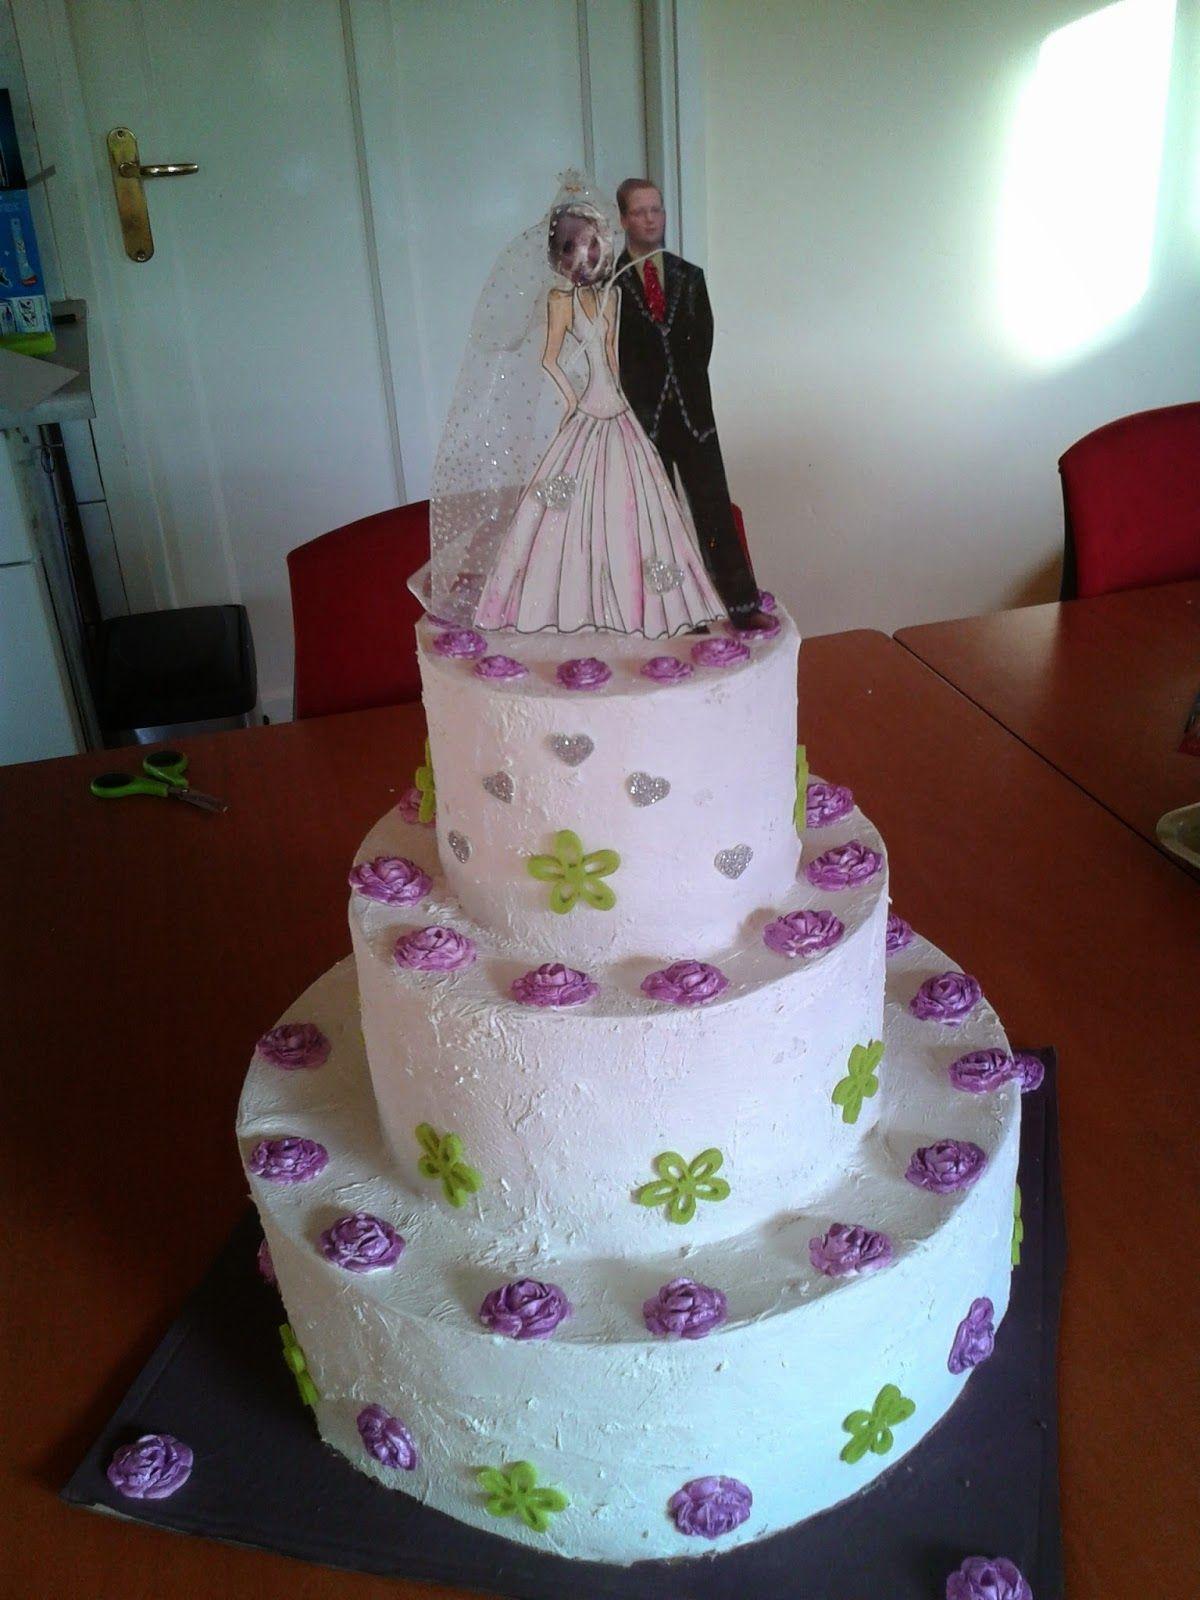 Welkom Op Anja S Blog Surprise Een Bruidstaart Bruidstaart Knutselen Bruiloft Taart Bruiloft